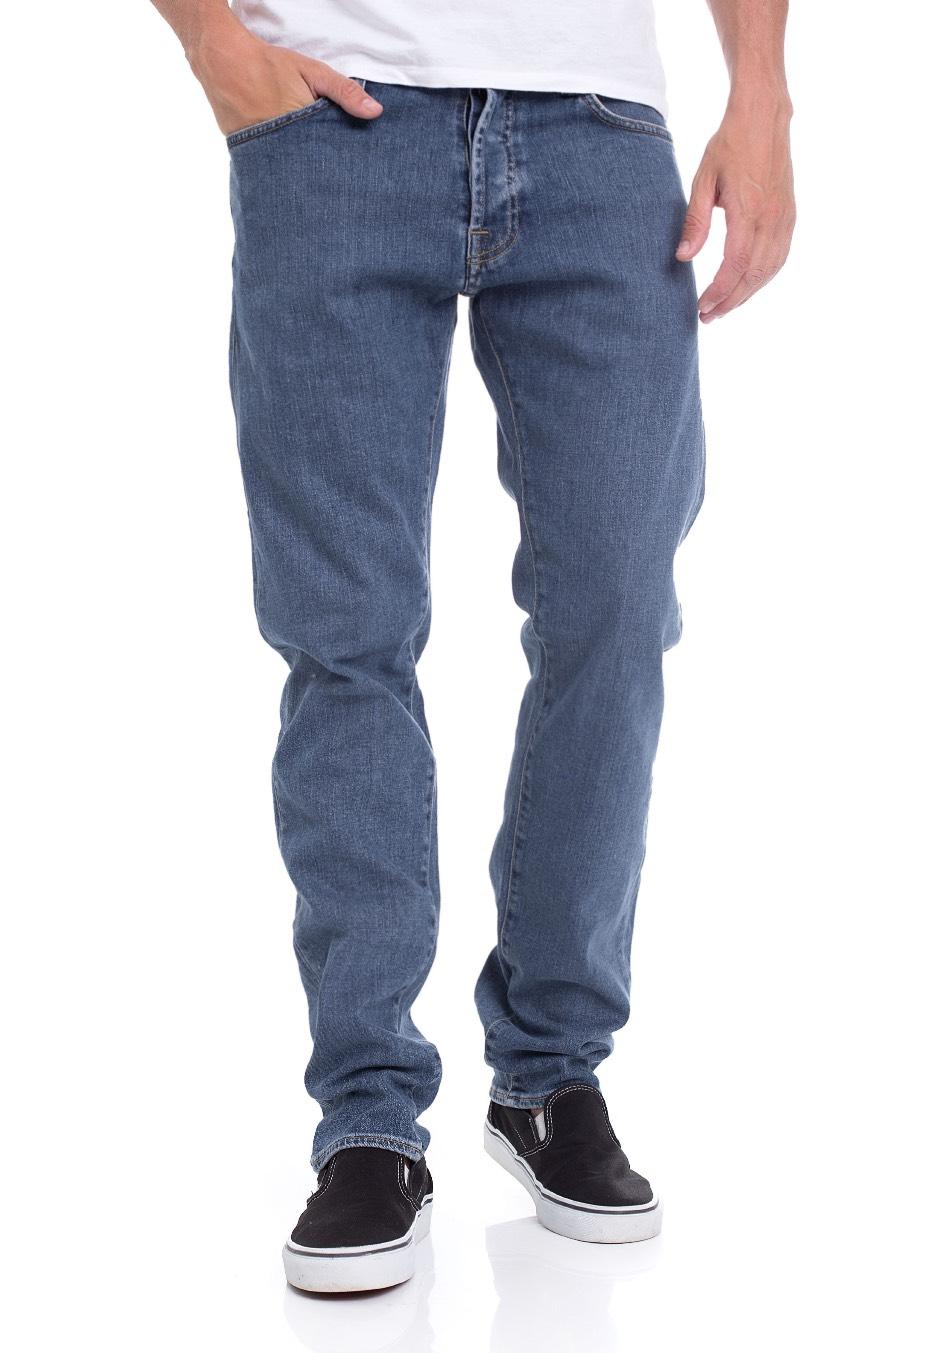 b16d3535 Carhartt WIP - Klondike Spicer Blue Stone Washed - Jeans - Streetwear Shop  - Impericon.com UK